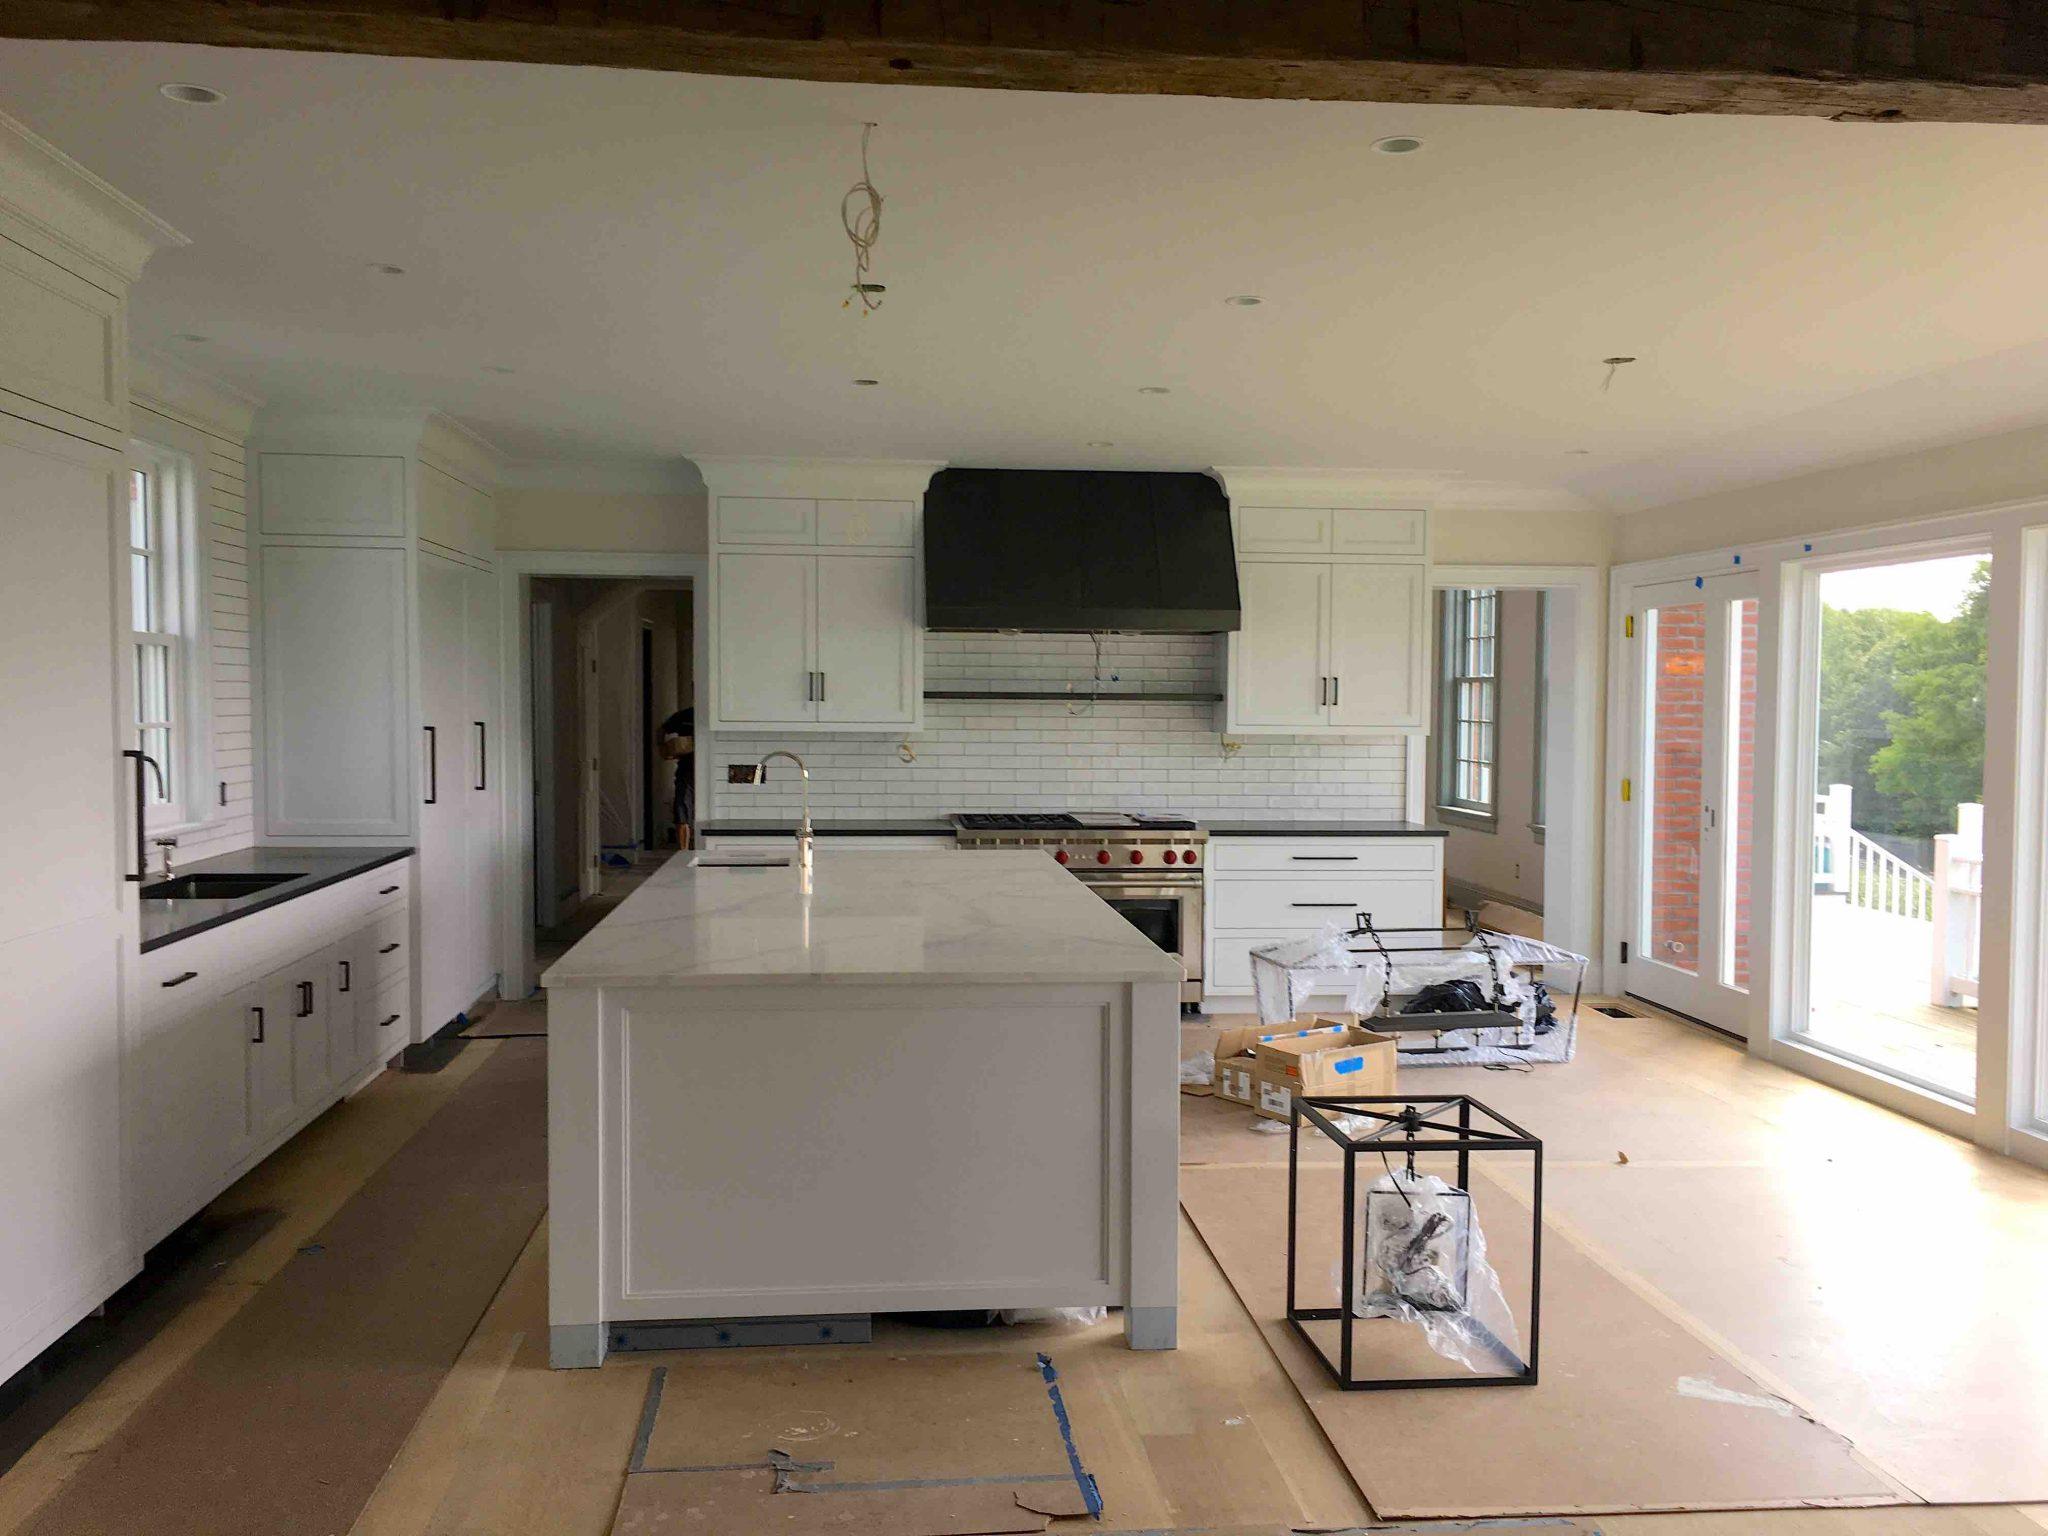 Kitchen - Dutchess County Home Renovation